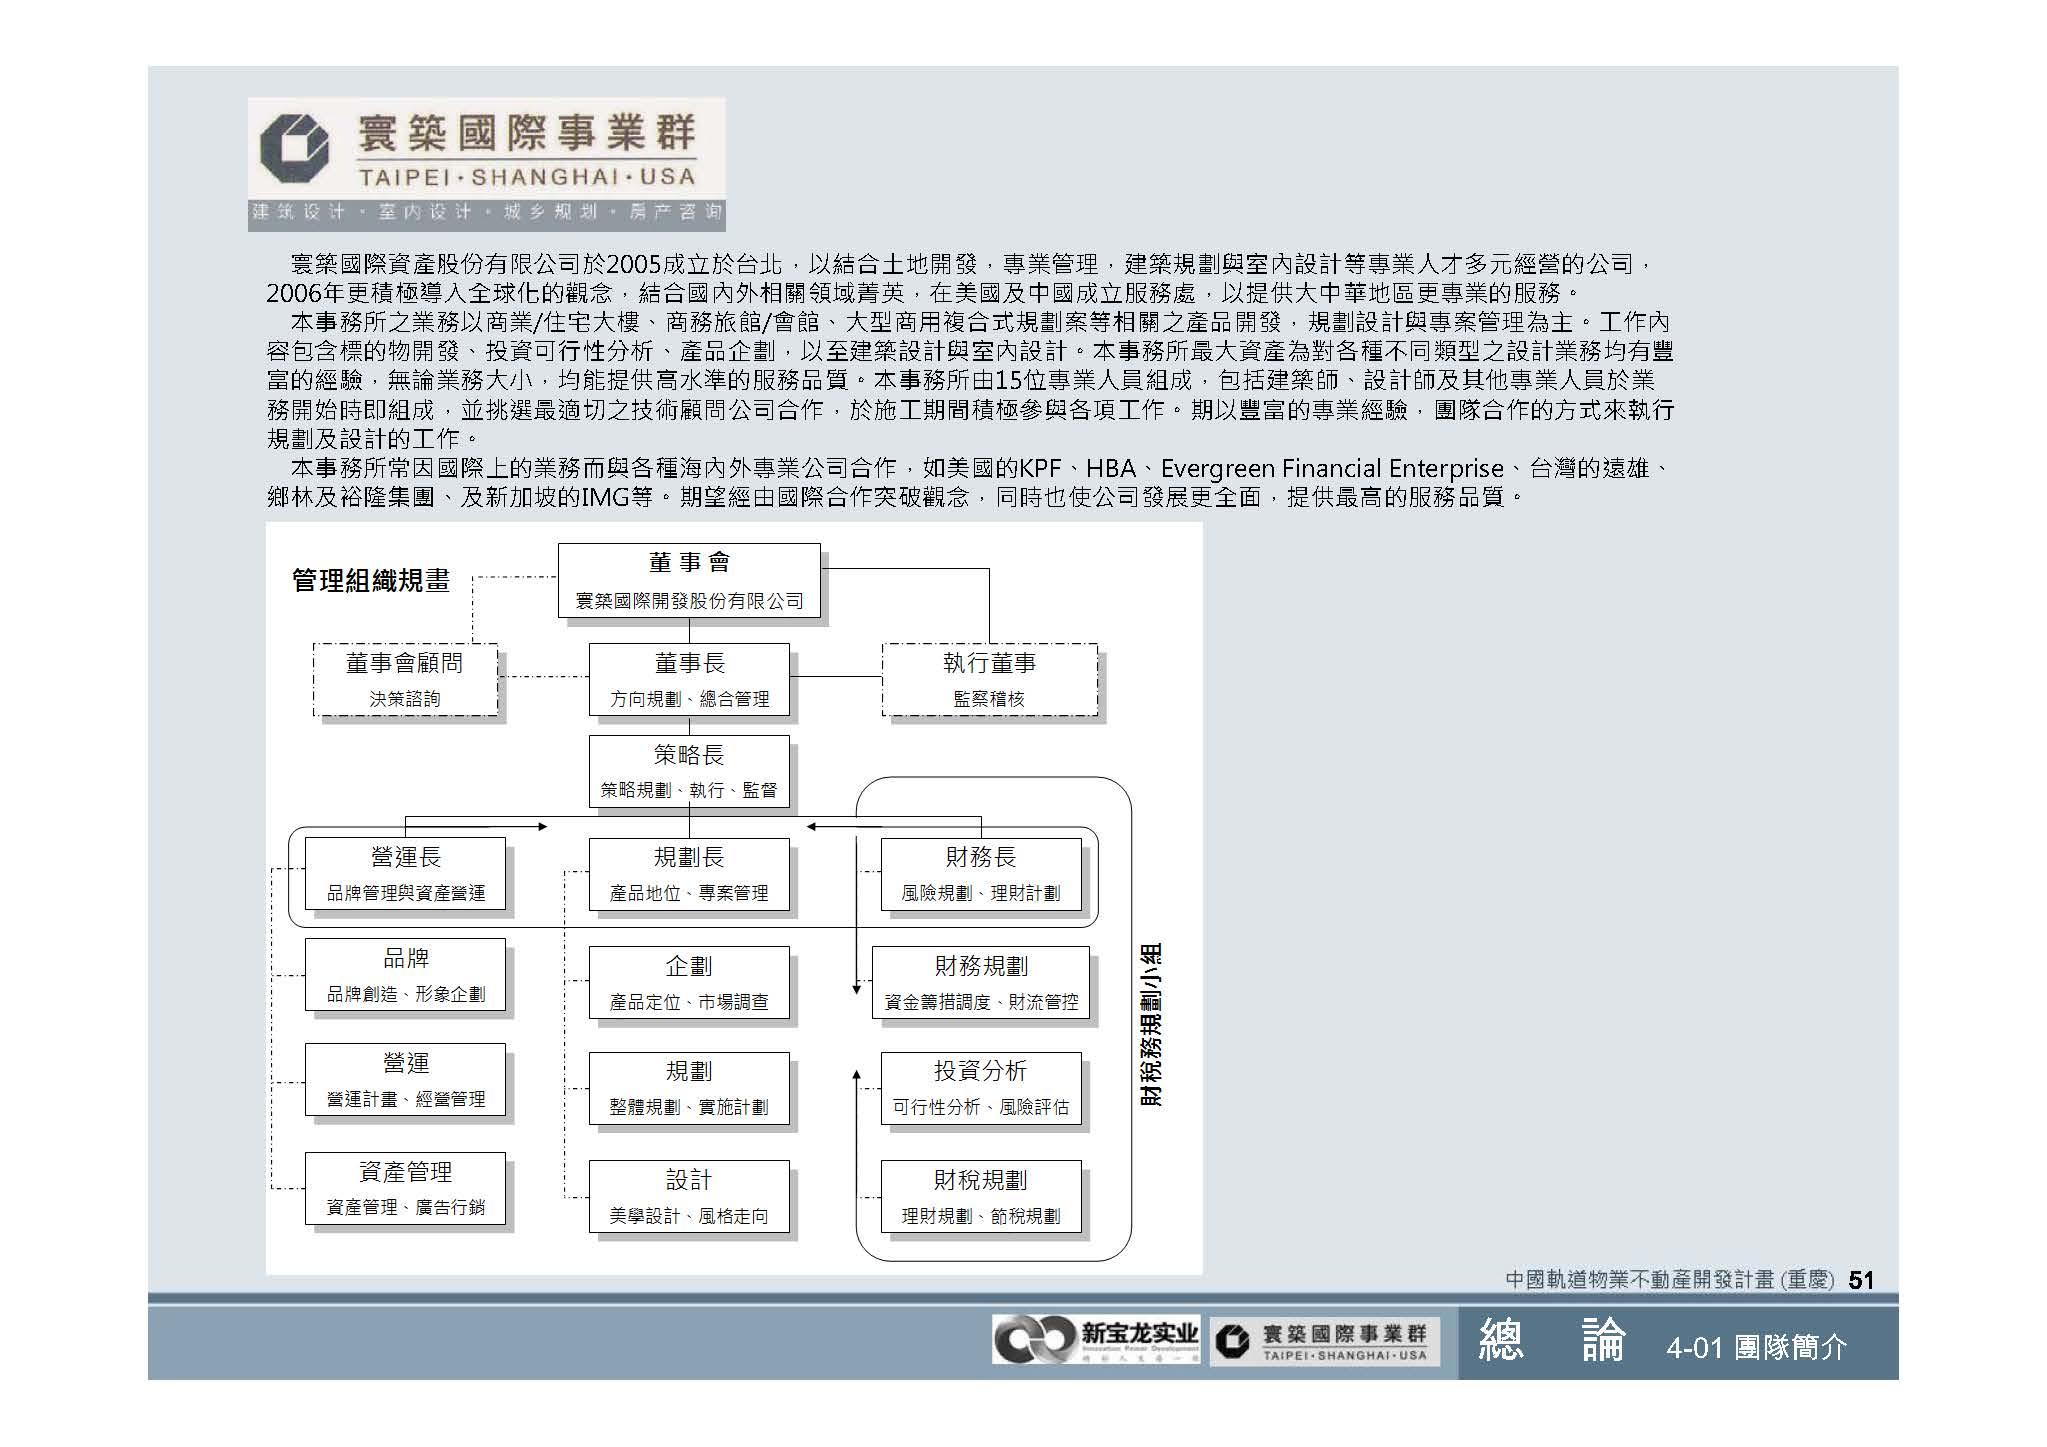 20100812-中國軌道物業不動產開發計畫(重慶)_頁面_52